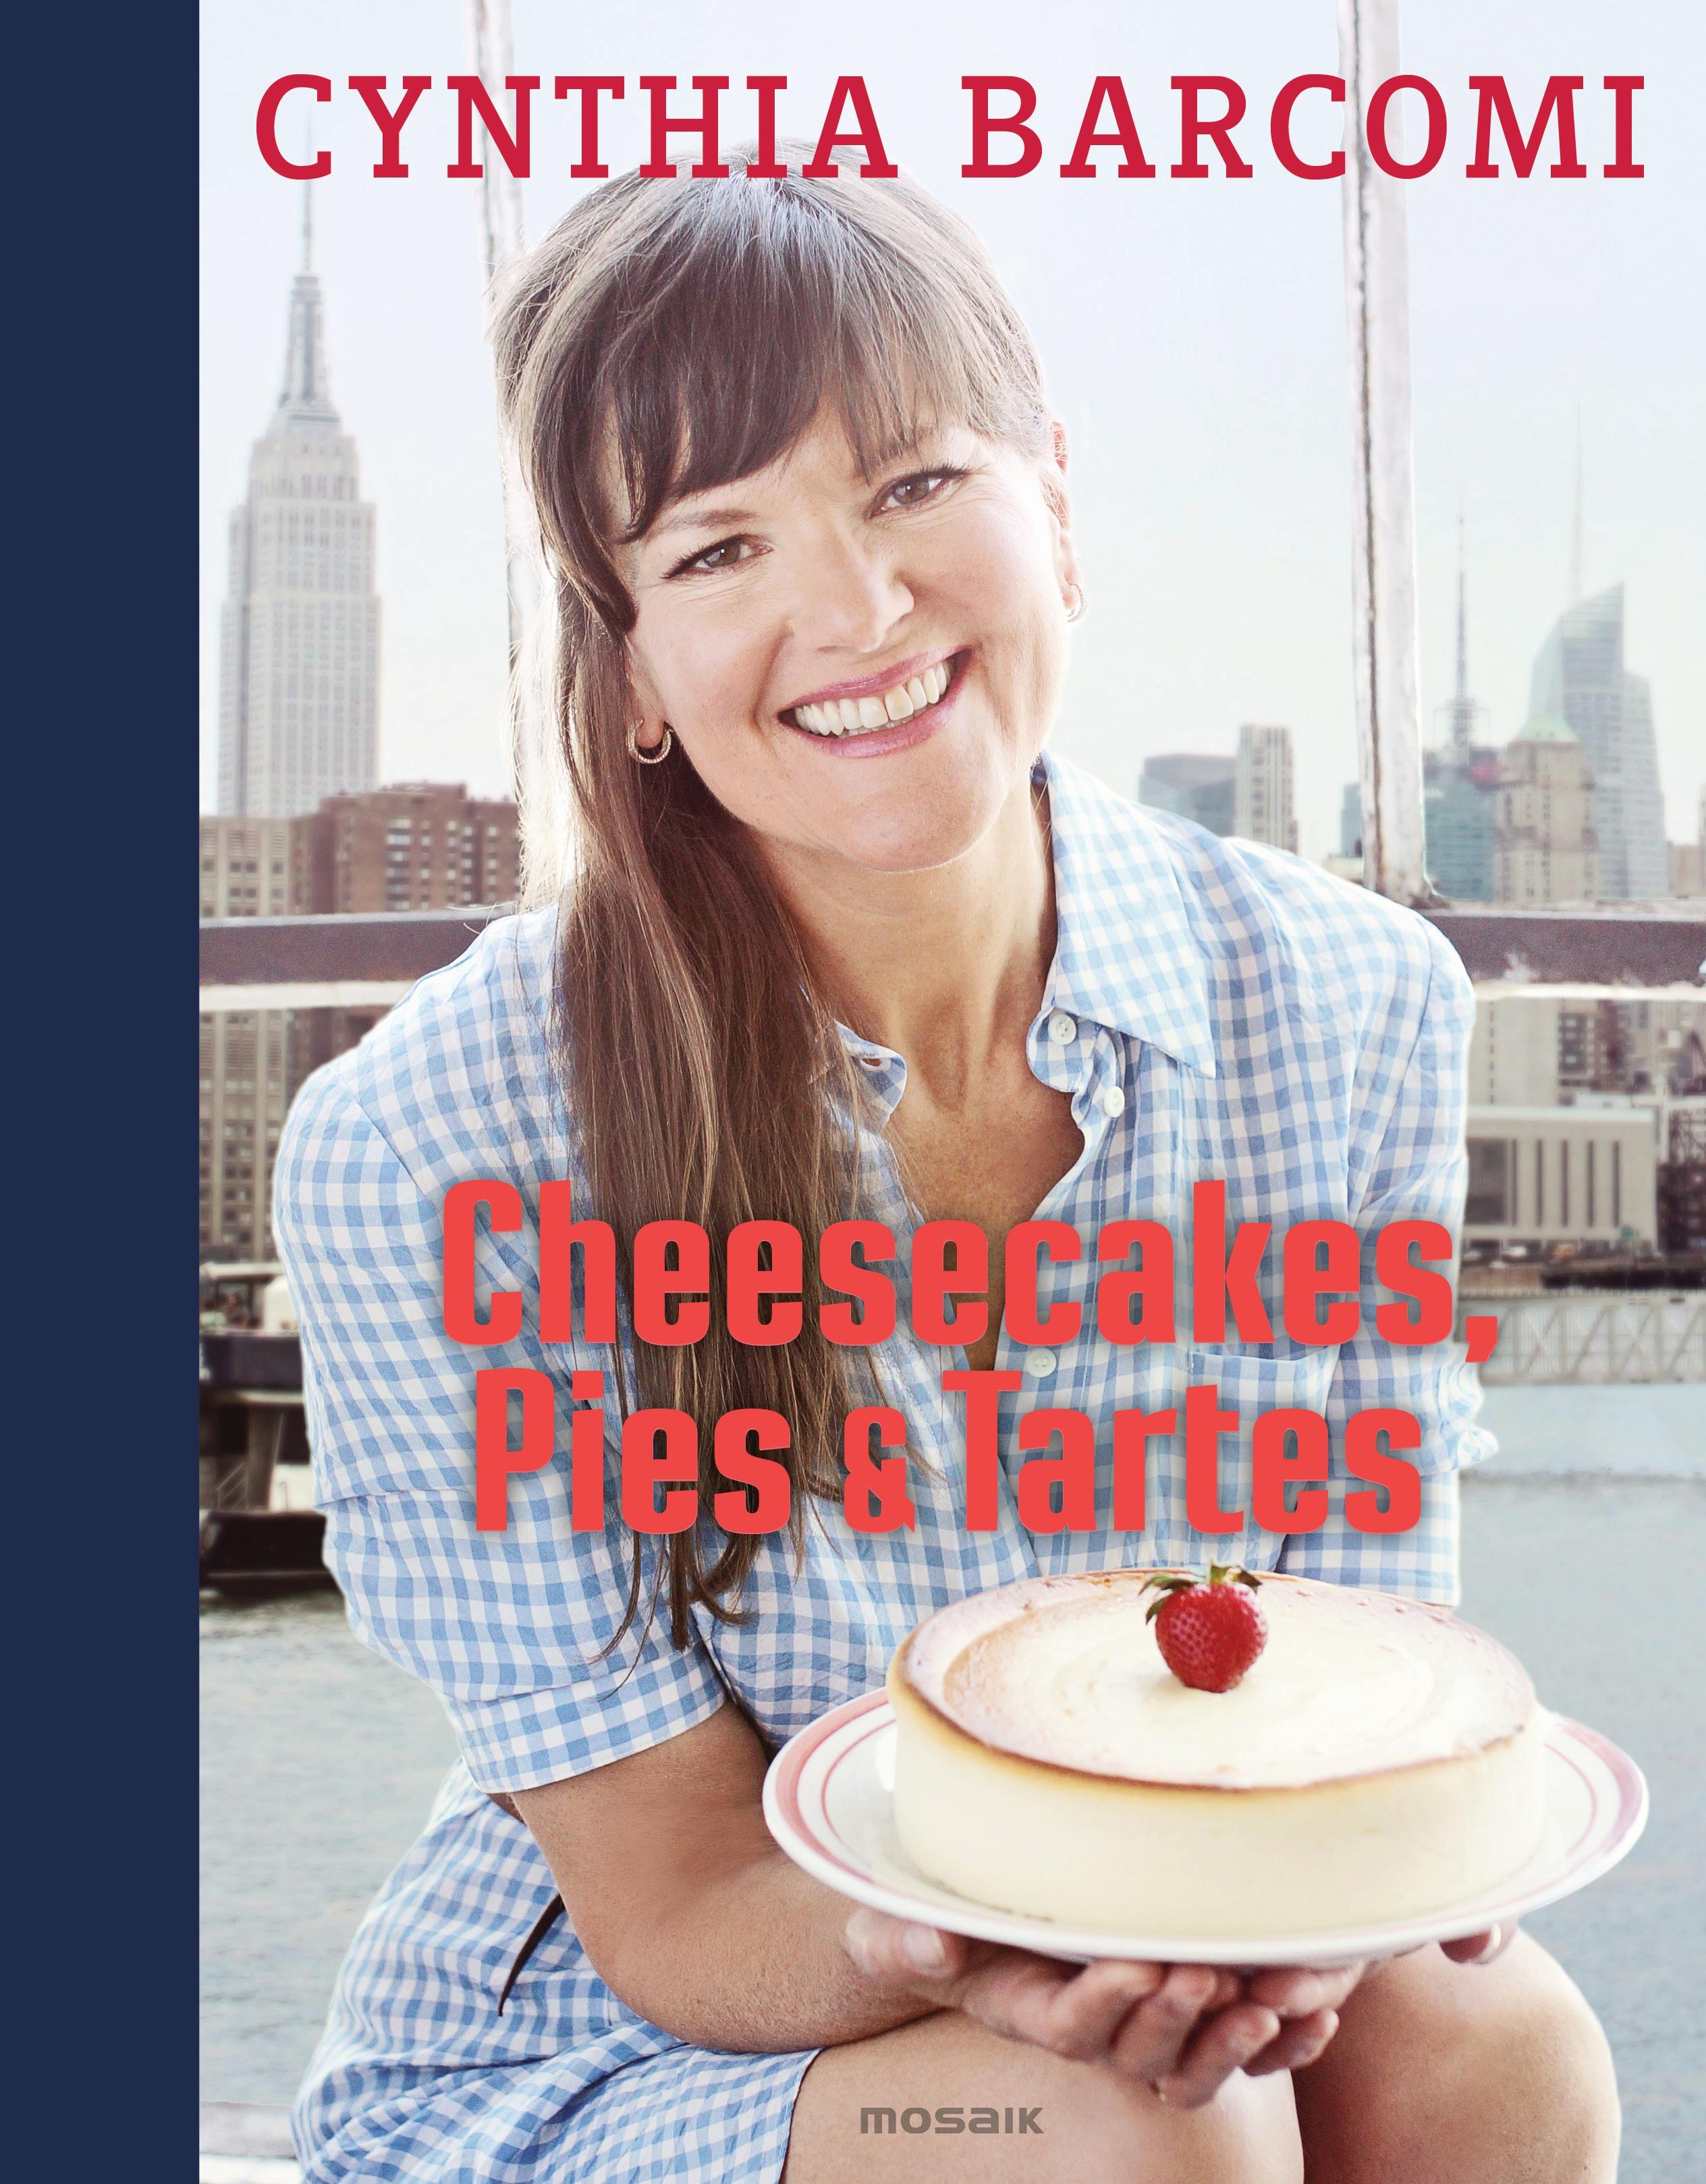 NEU Cheesecakes, Pies & Tartes Cynthia Barcomi 393015